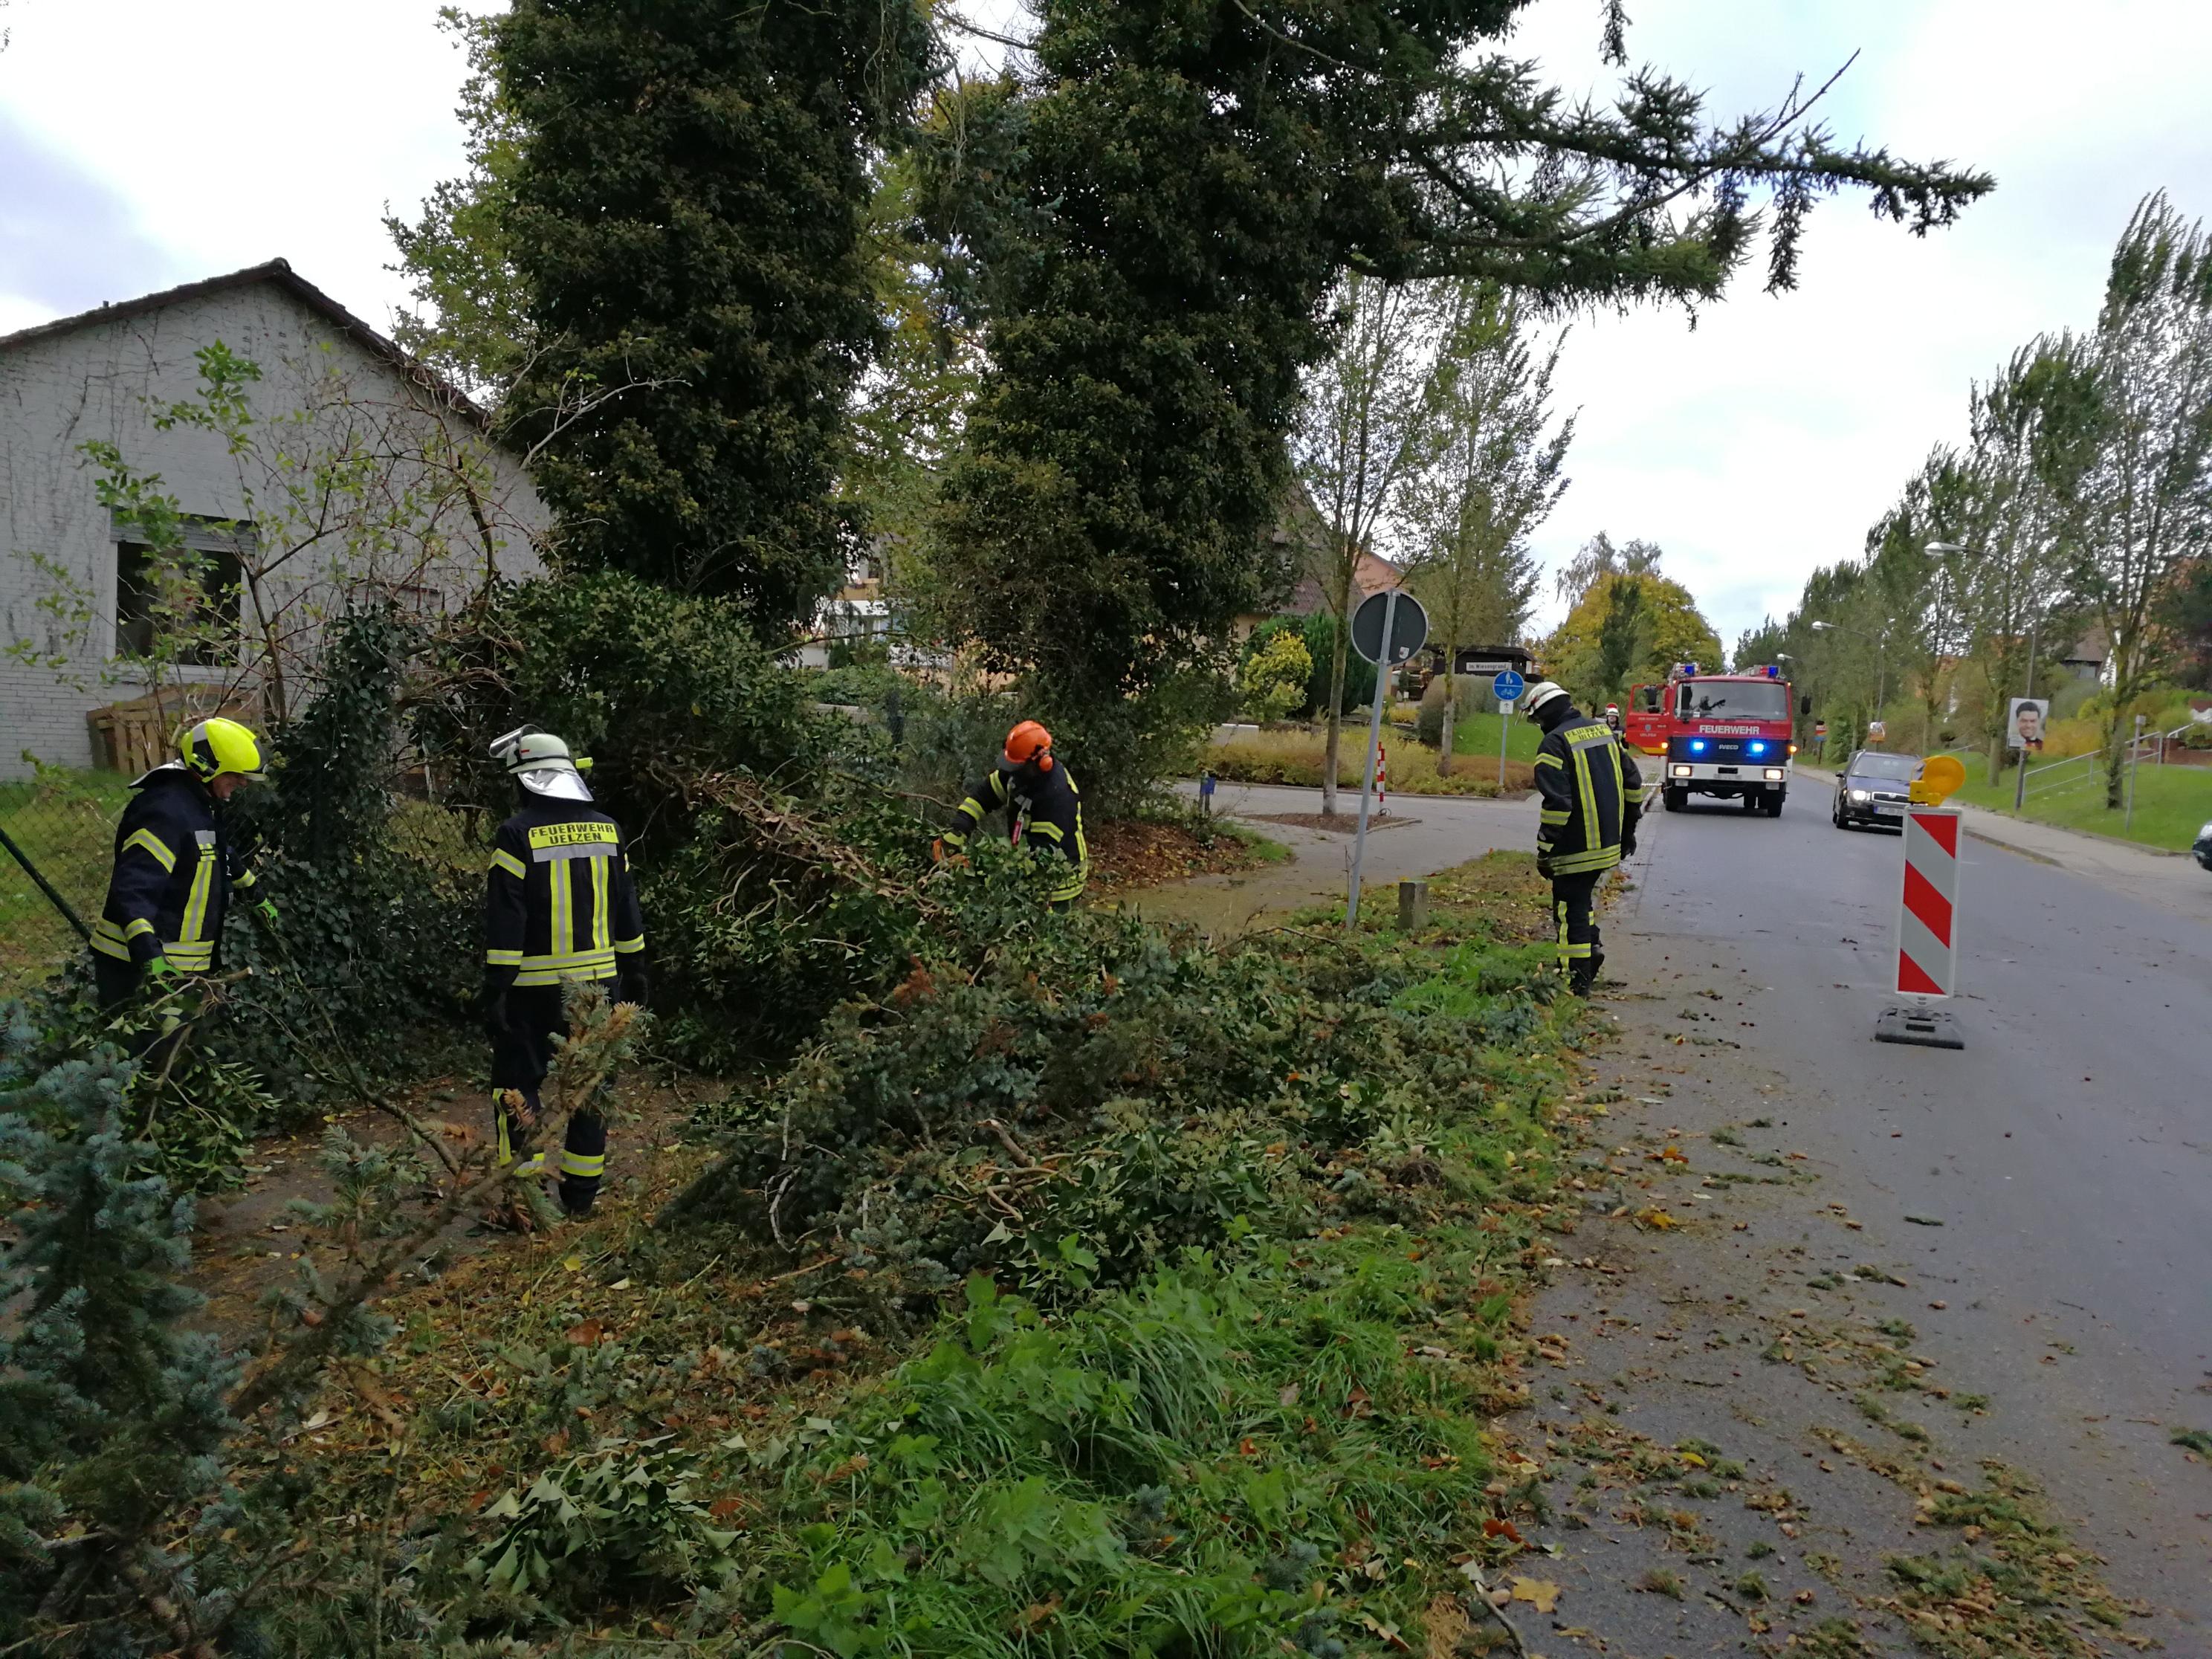 271. Hilfeleistung -- Baum auf Gehweg